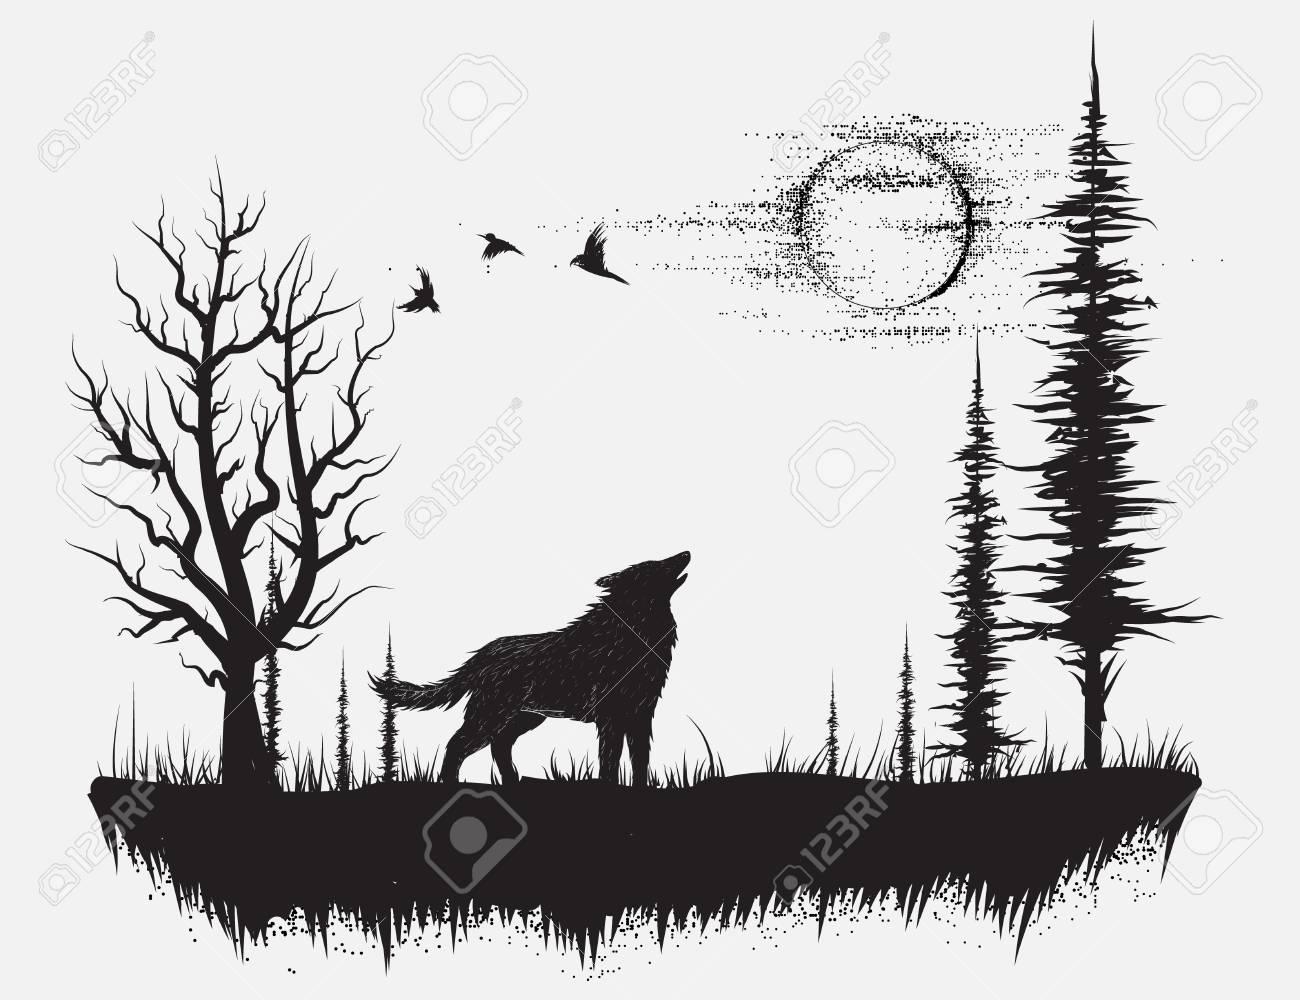 Lobo Aullando A La Luna En El Bosque Ilustración De Vector Dibujado